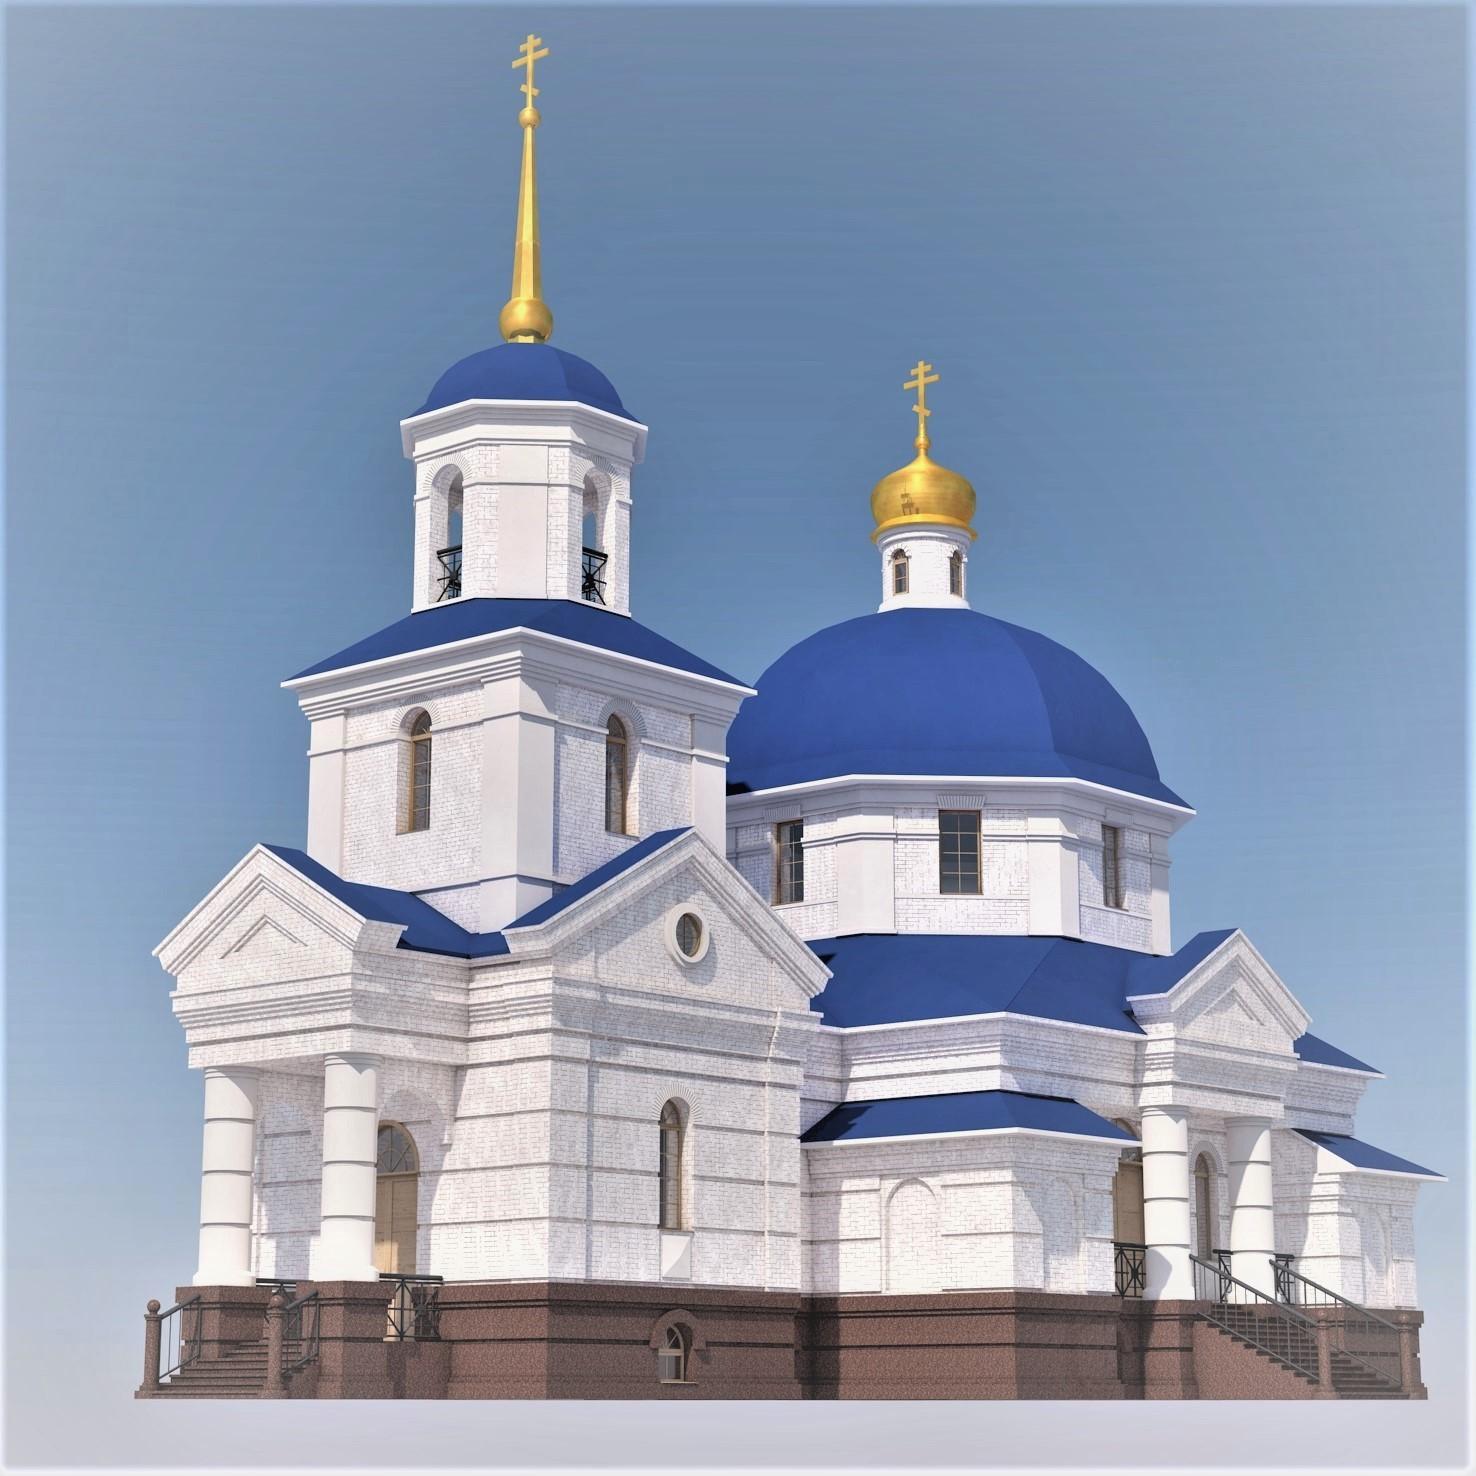 Храм в селе Кривец Липецкой области. Архитектор Антон Коста